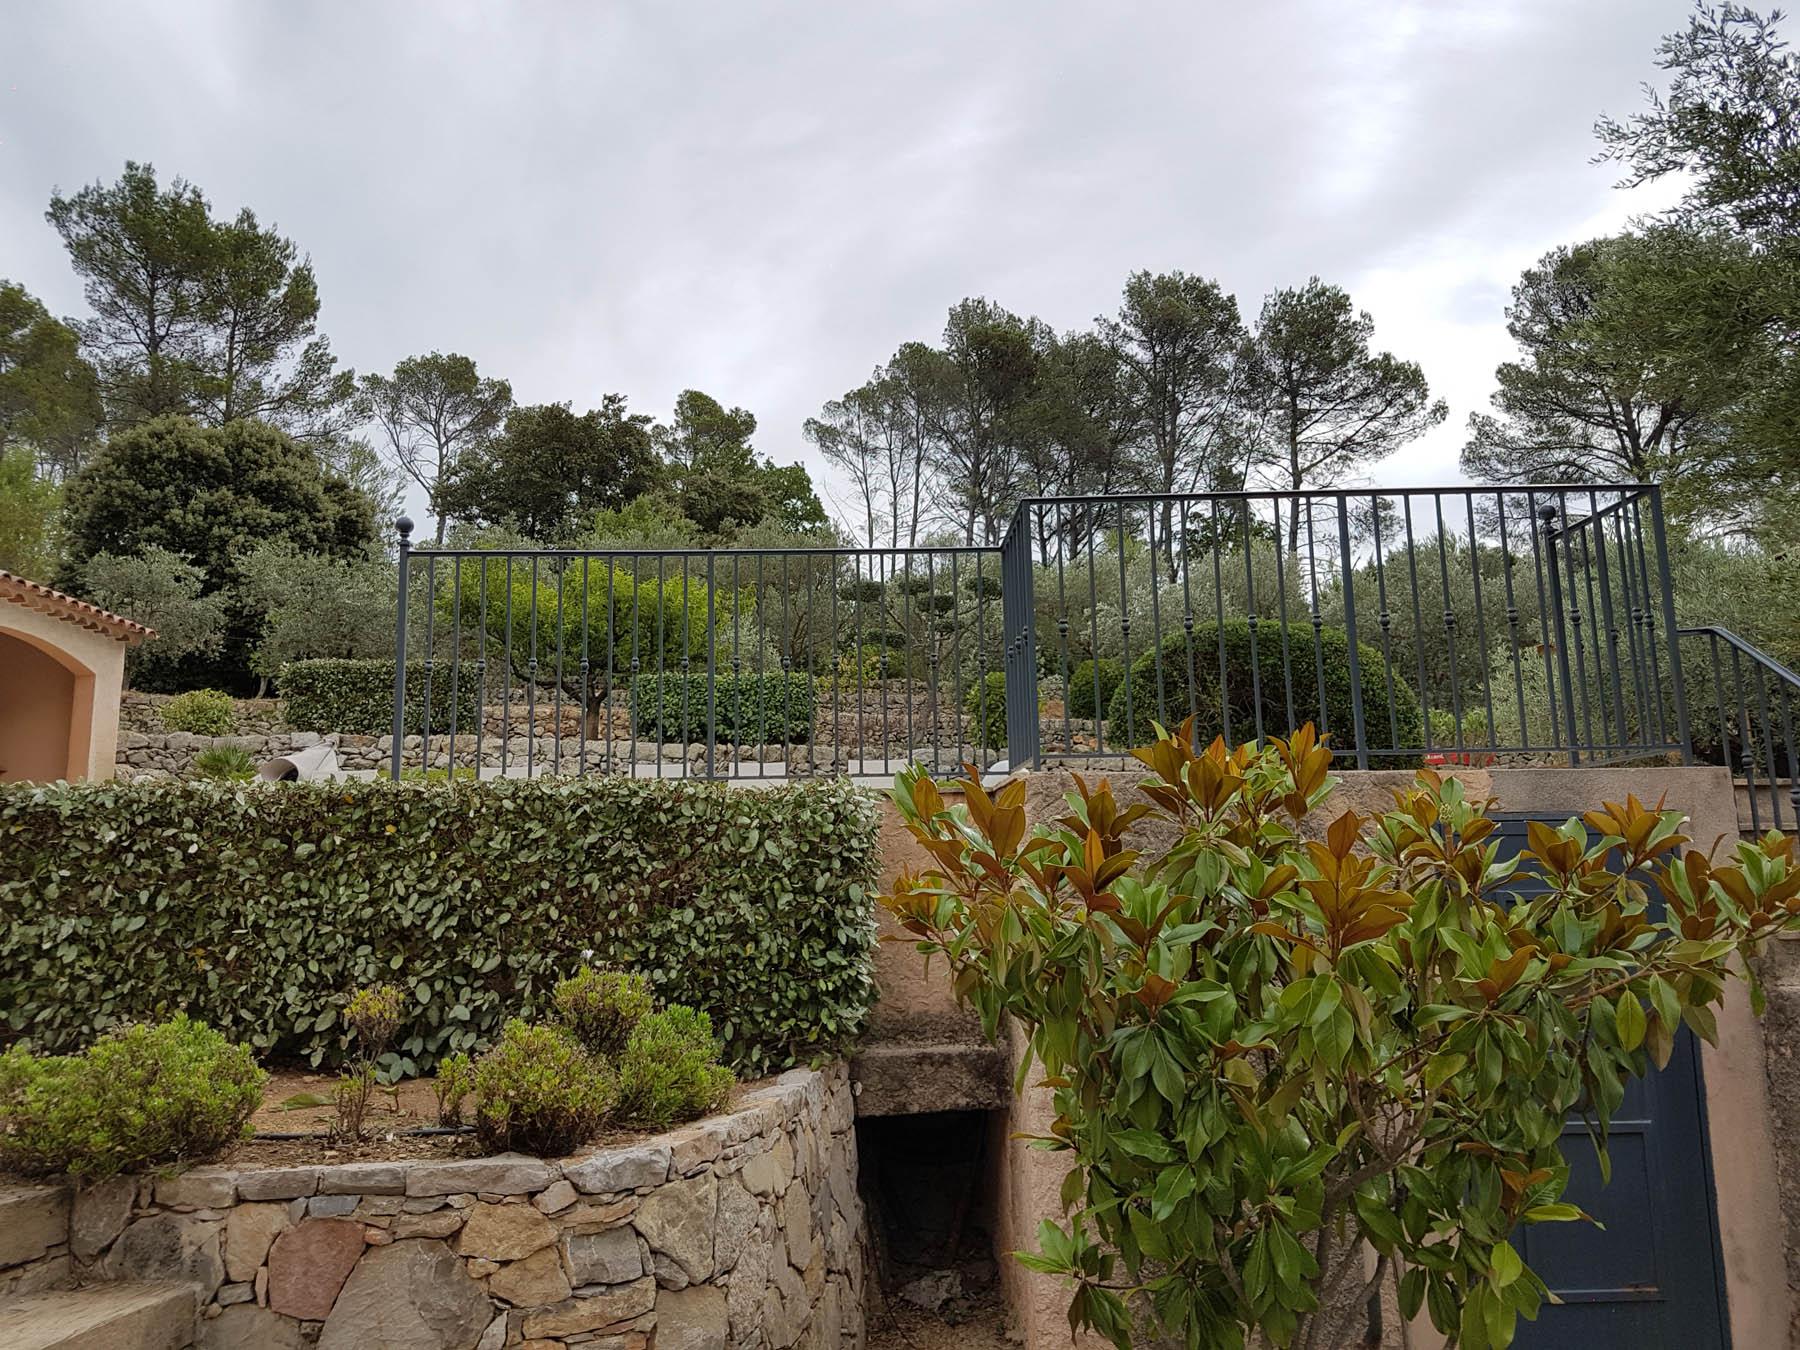 Nettoyage et taille d 39 un jardin entretien de propri t s for Entretien jardin frejus